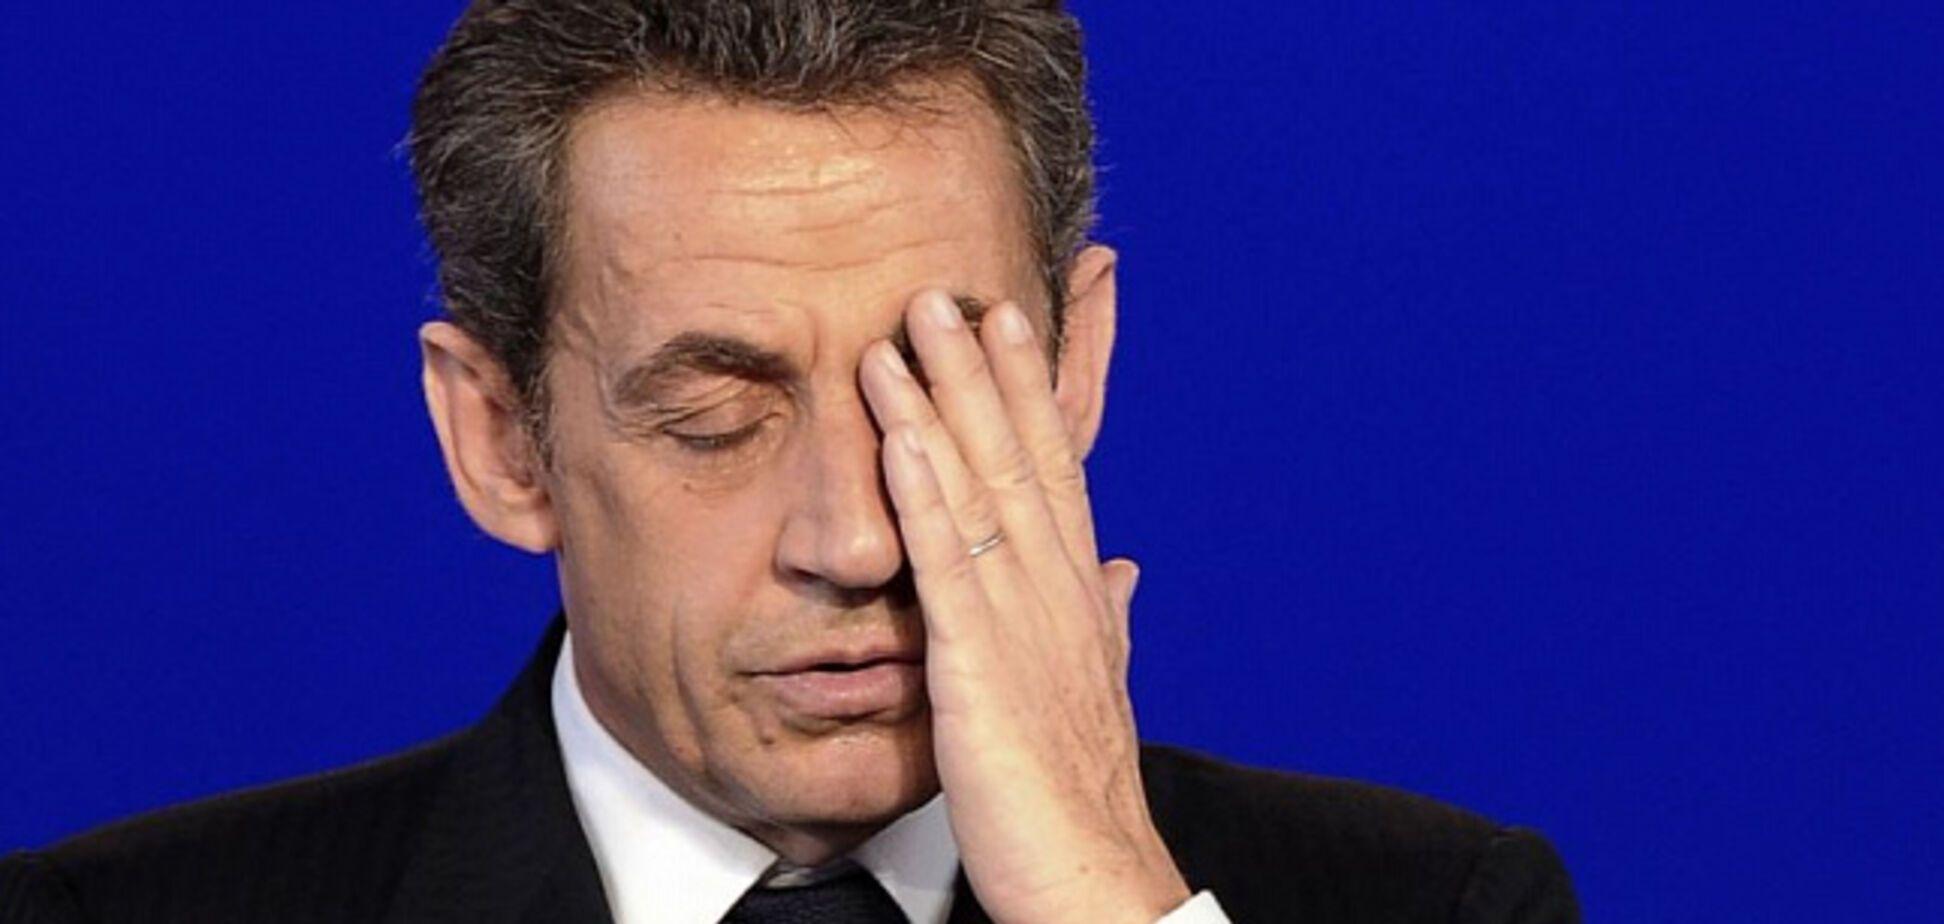 Задержание Николя Саркози: перед законом все равны